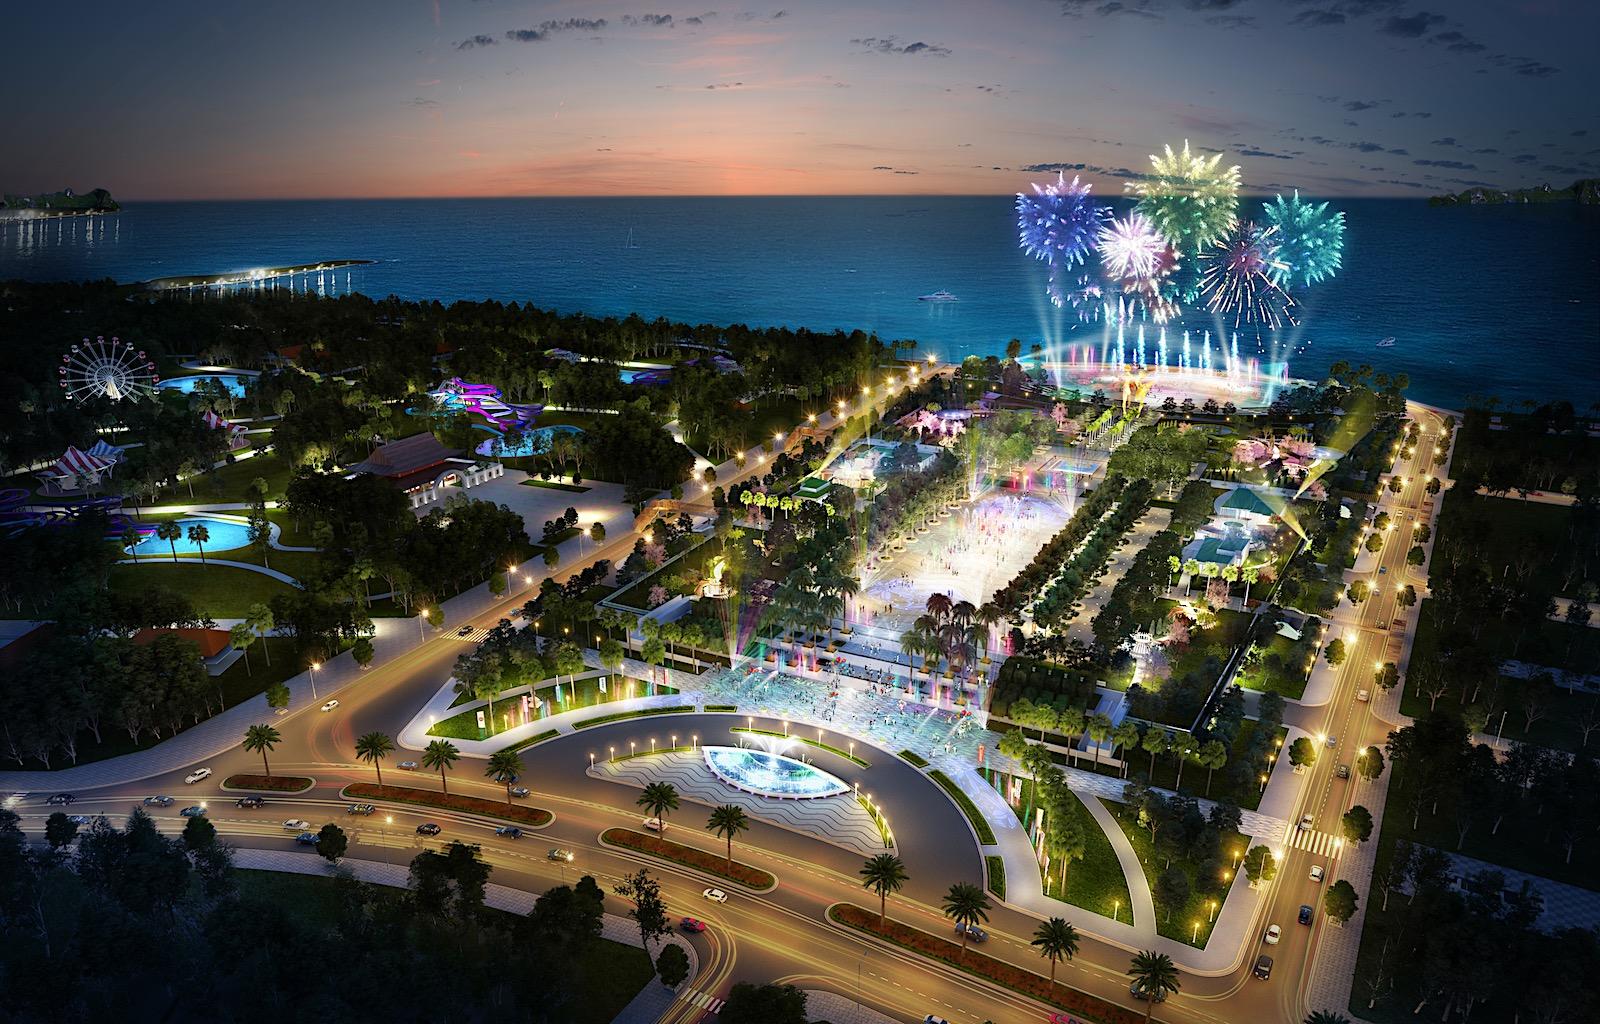 EGO kết hợp WATG thiết kế cảnh quan Sun Carnival Plaza quảng trường hiện đại bậc nhất tại TP Hạ Long xinh đẹp